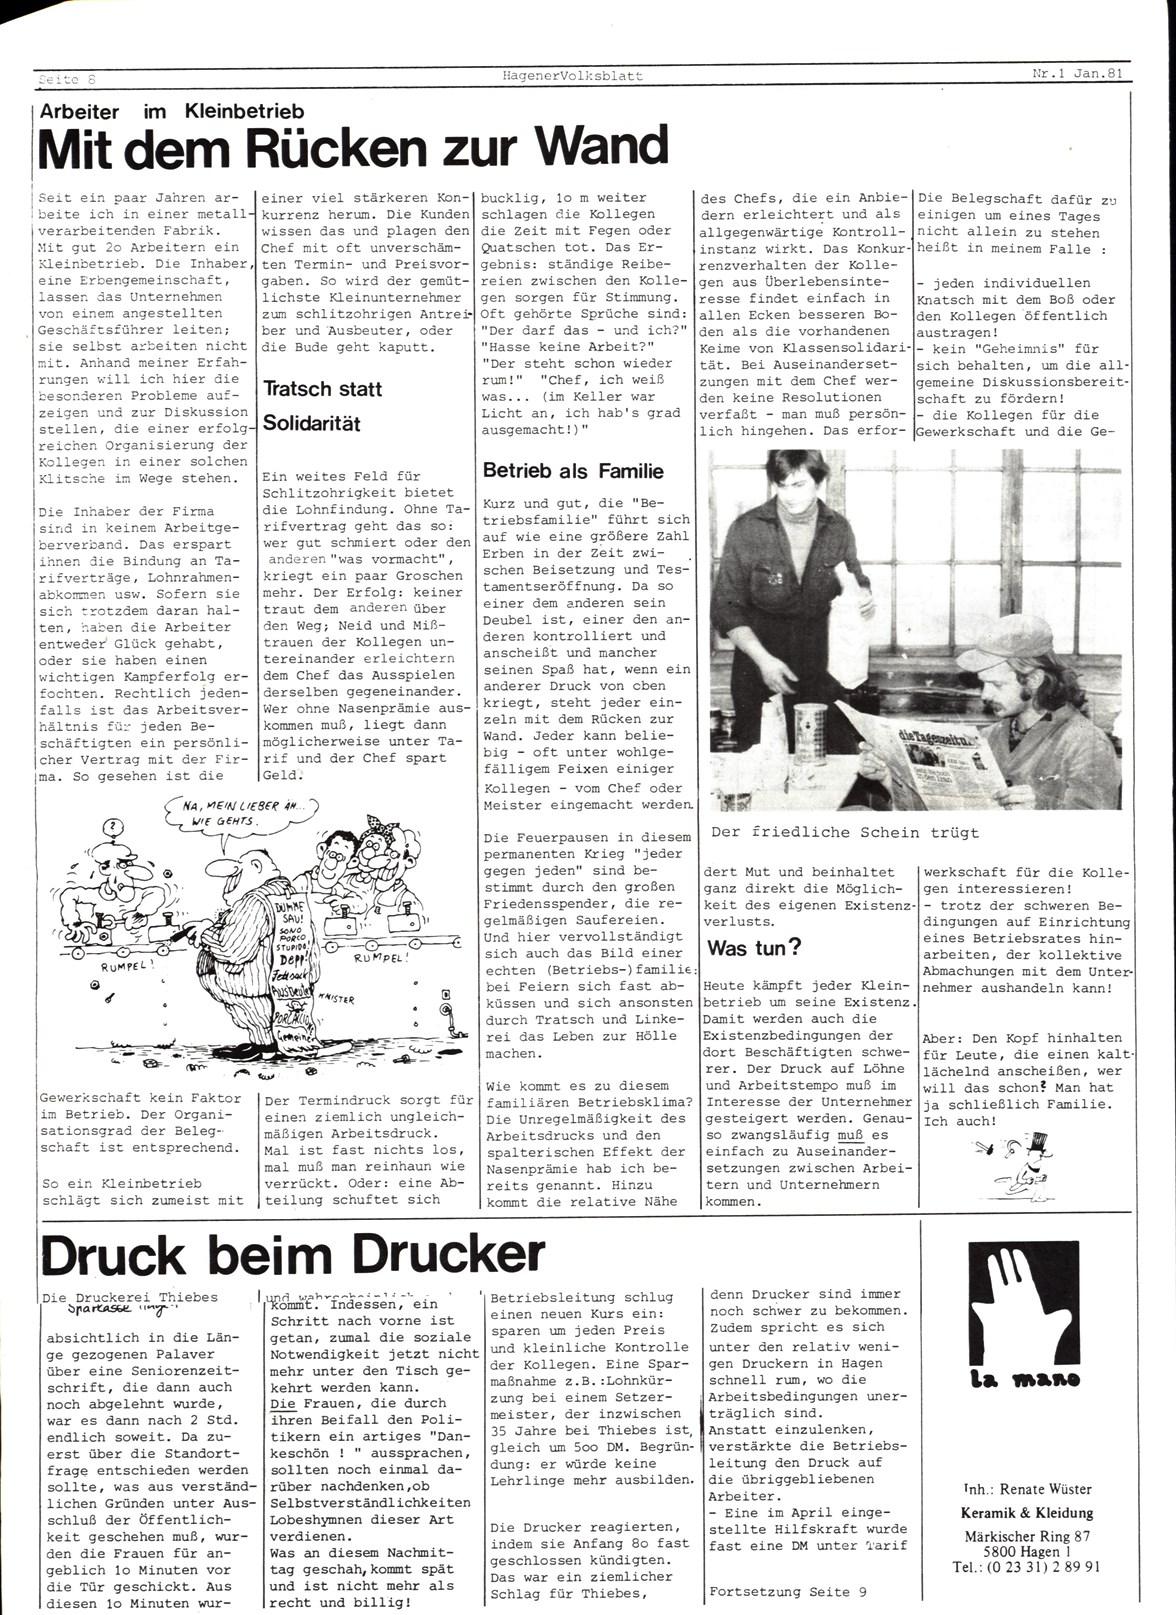 Hagen_Volksblatt_19810100_06